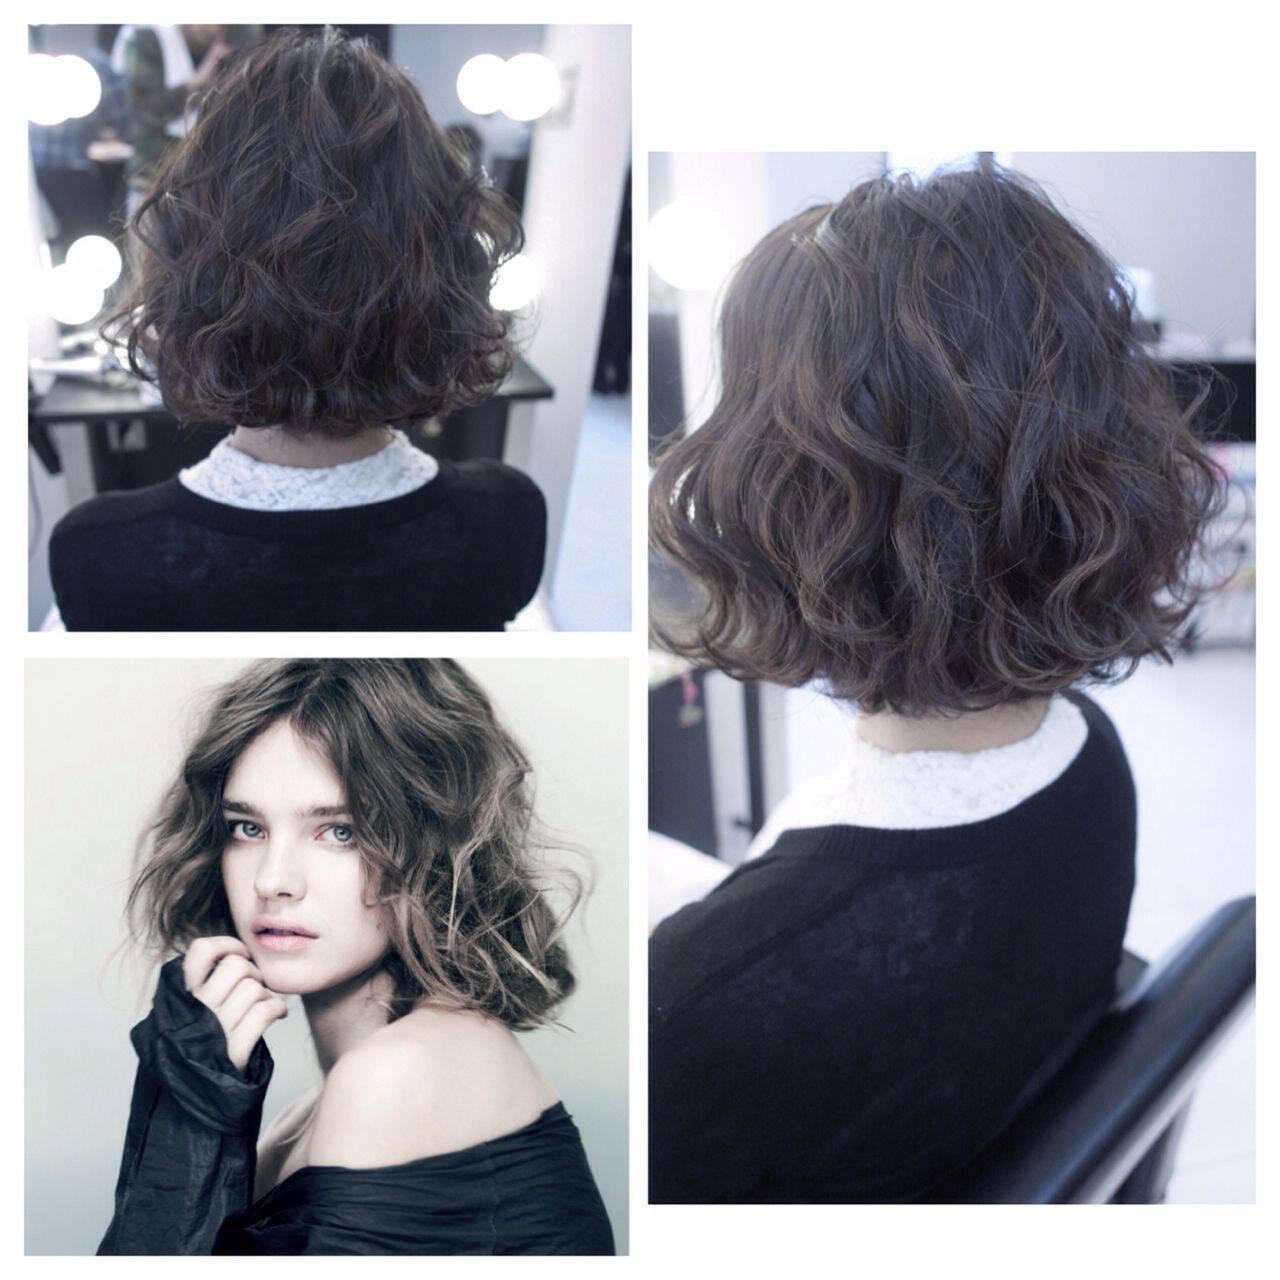 モード ストリート 秋 ウェーブヘアスタイルや髪型の写真・画像